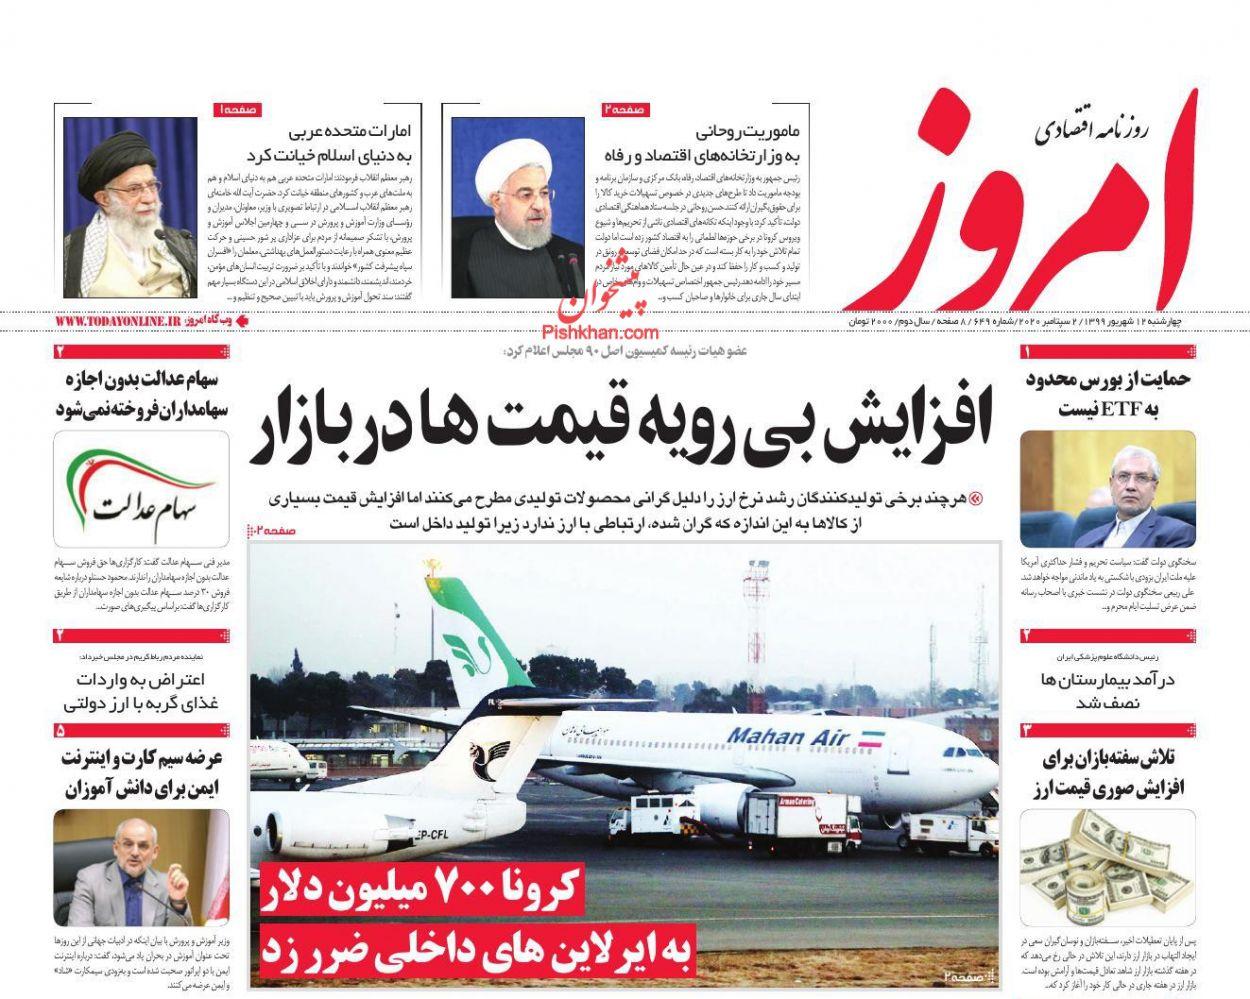 عناوین اخبار روزنامه امروز در روز چهارشنبه ۱۲ شهريور